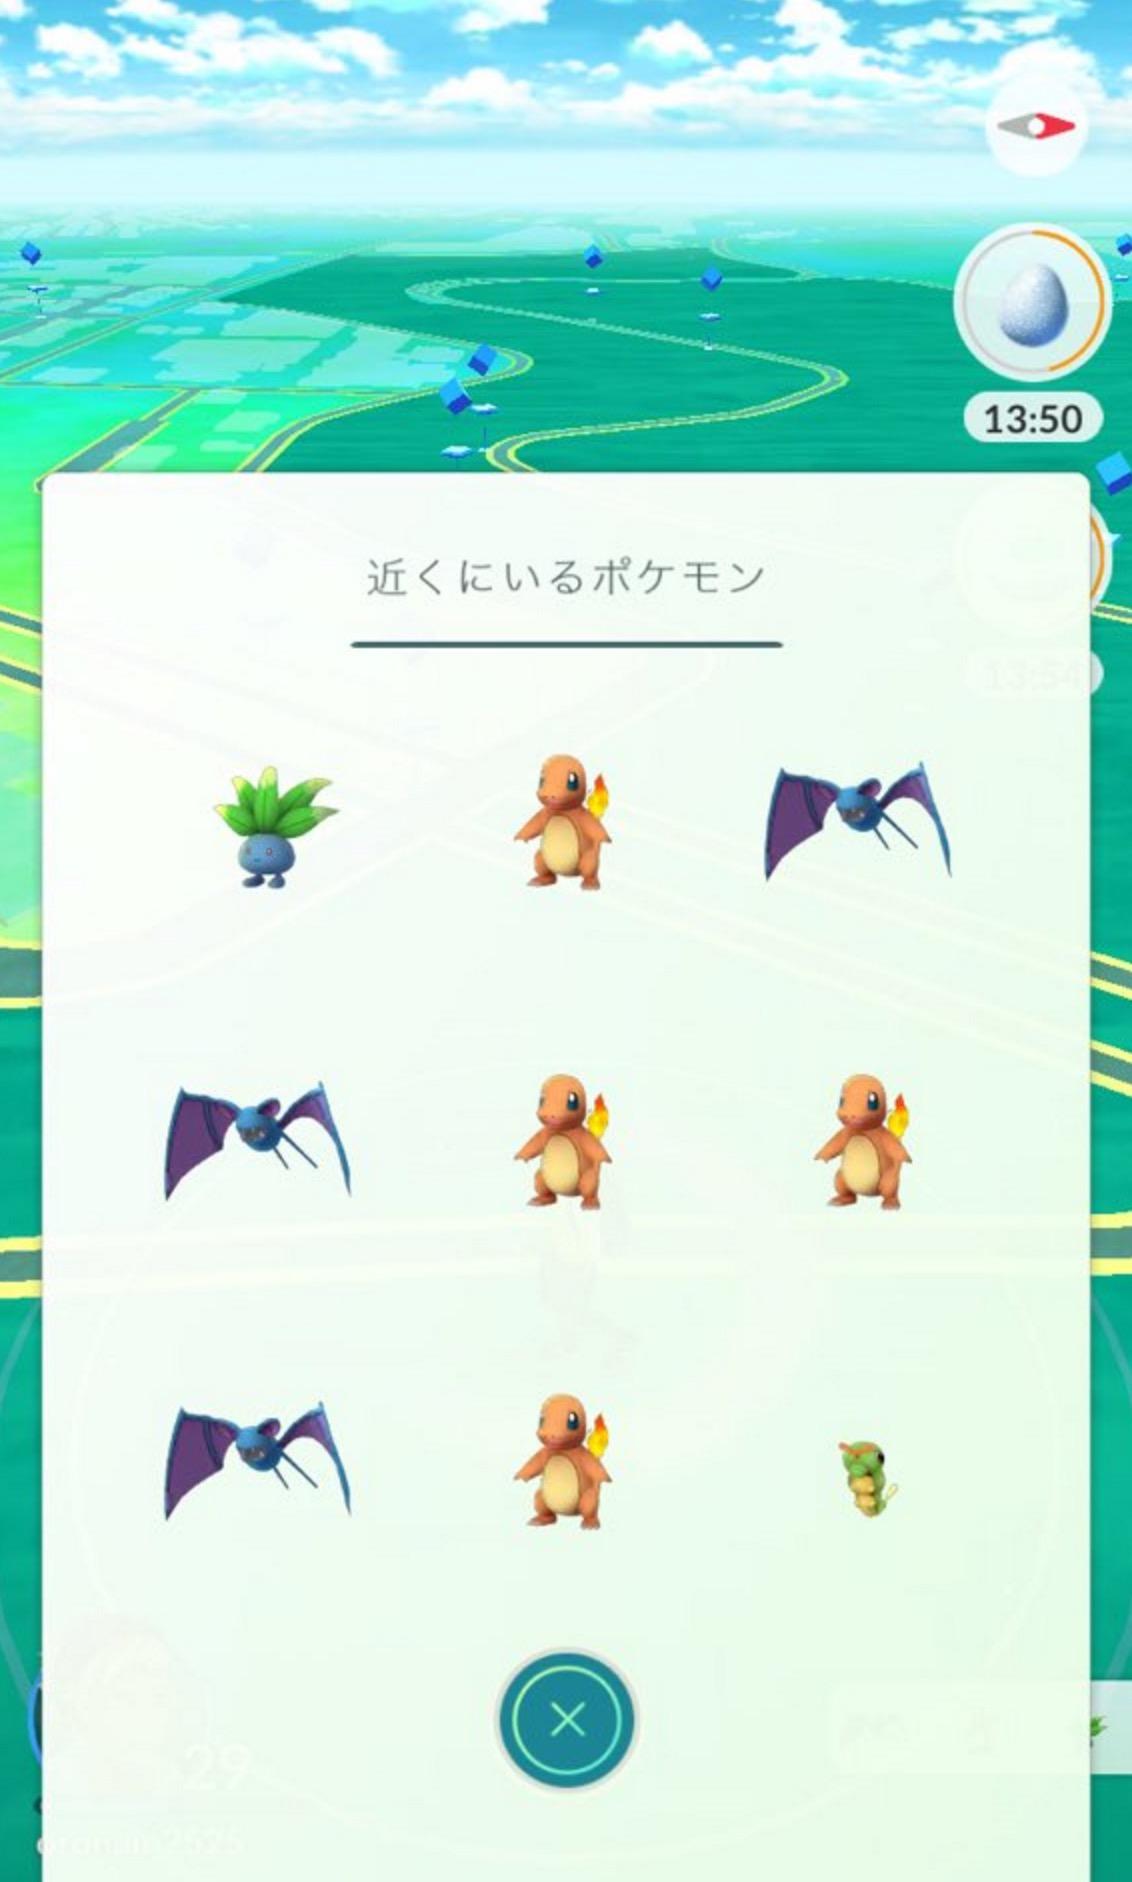 スクリーンショット 2016-08-09 16.40.10